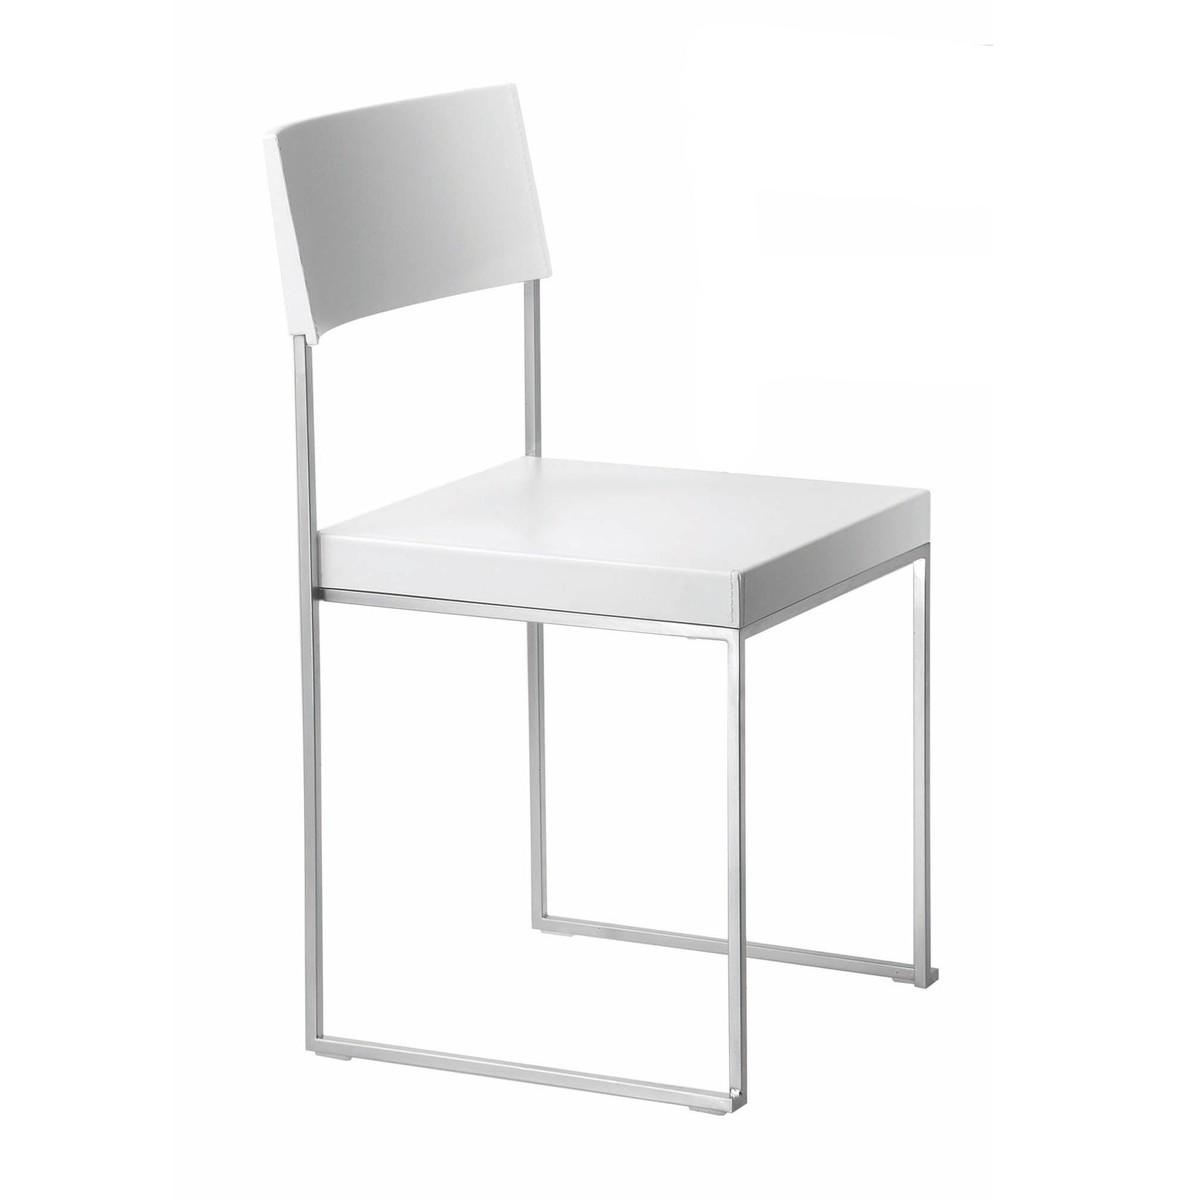 La Palma   Cuba Stuhl Stapelbar   Weiß/lackiert